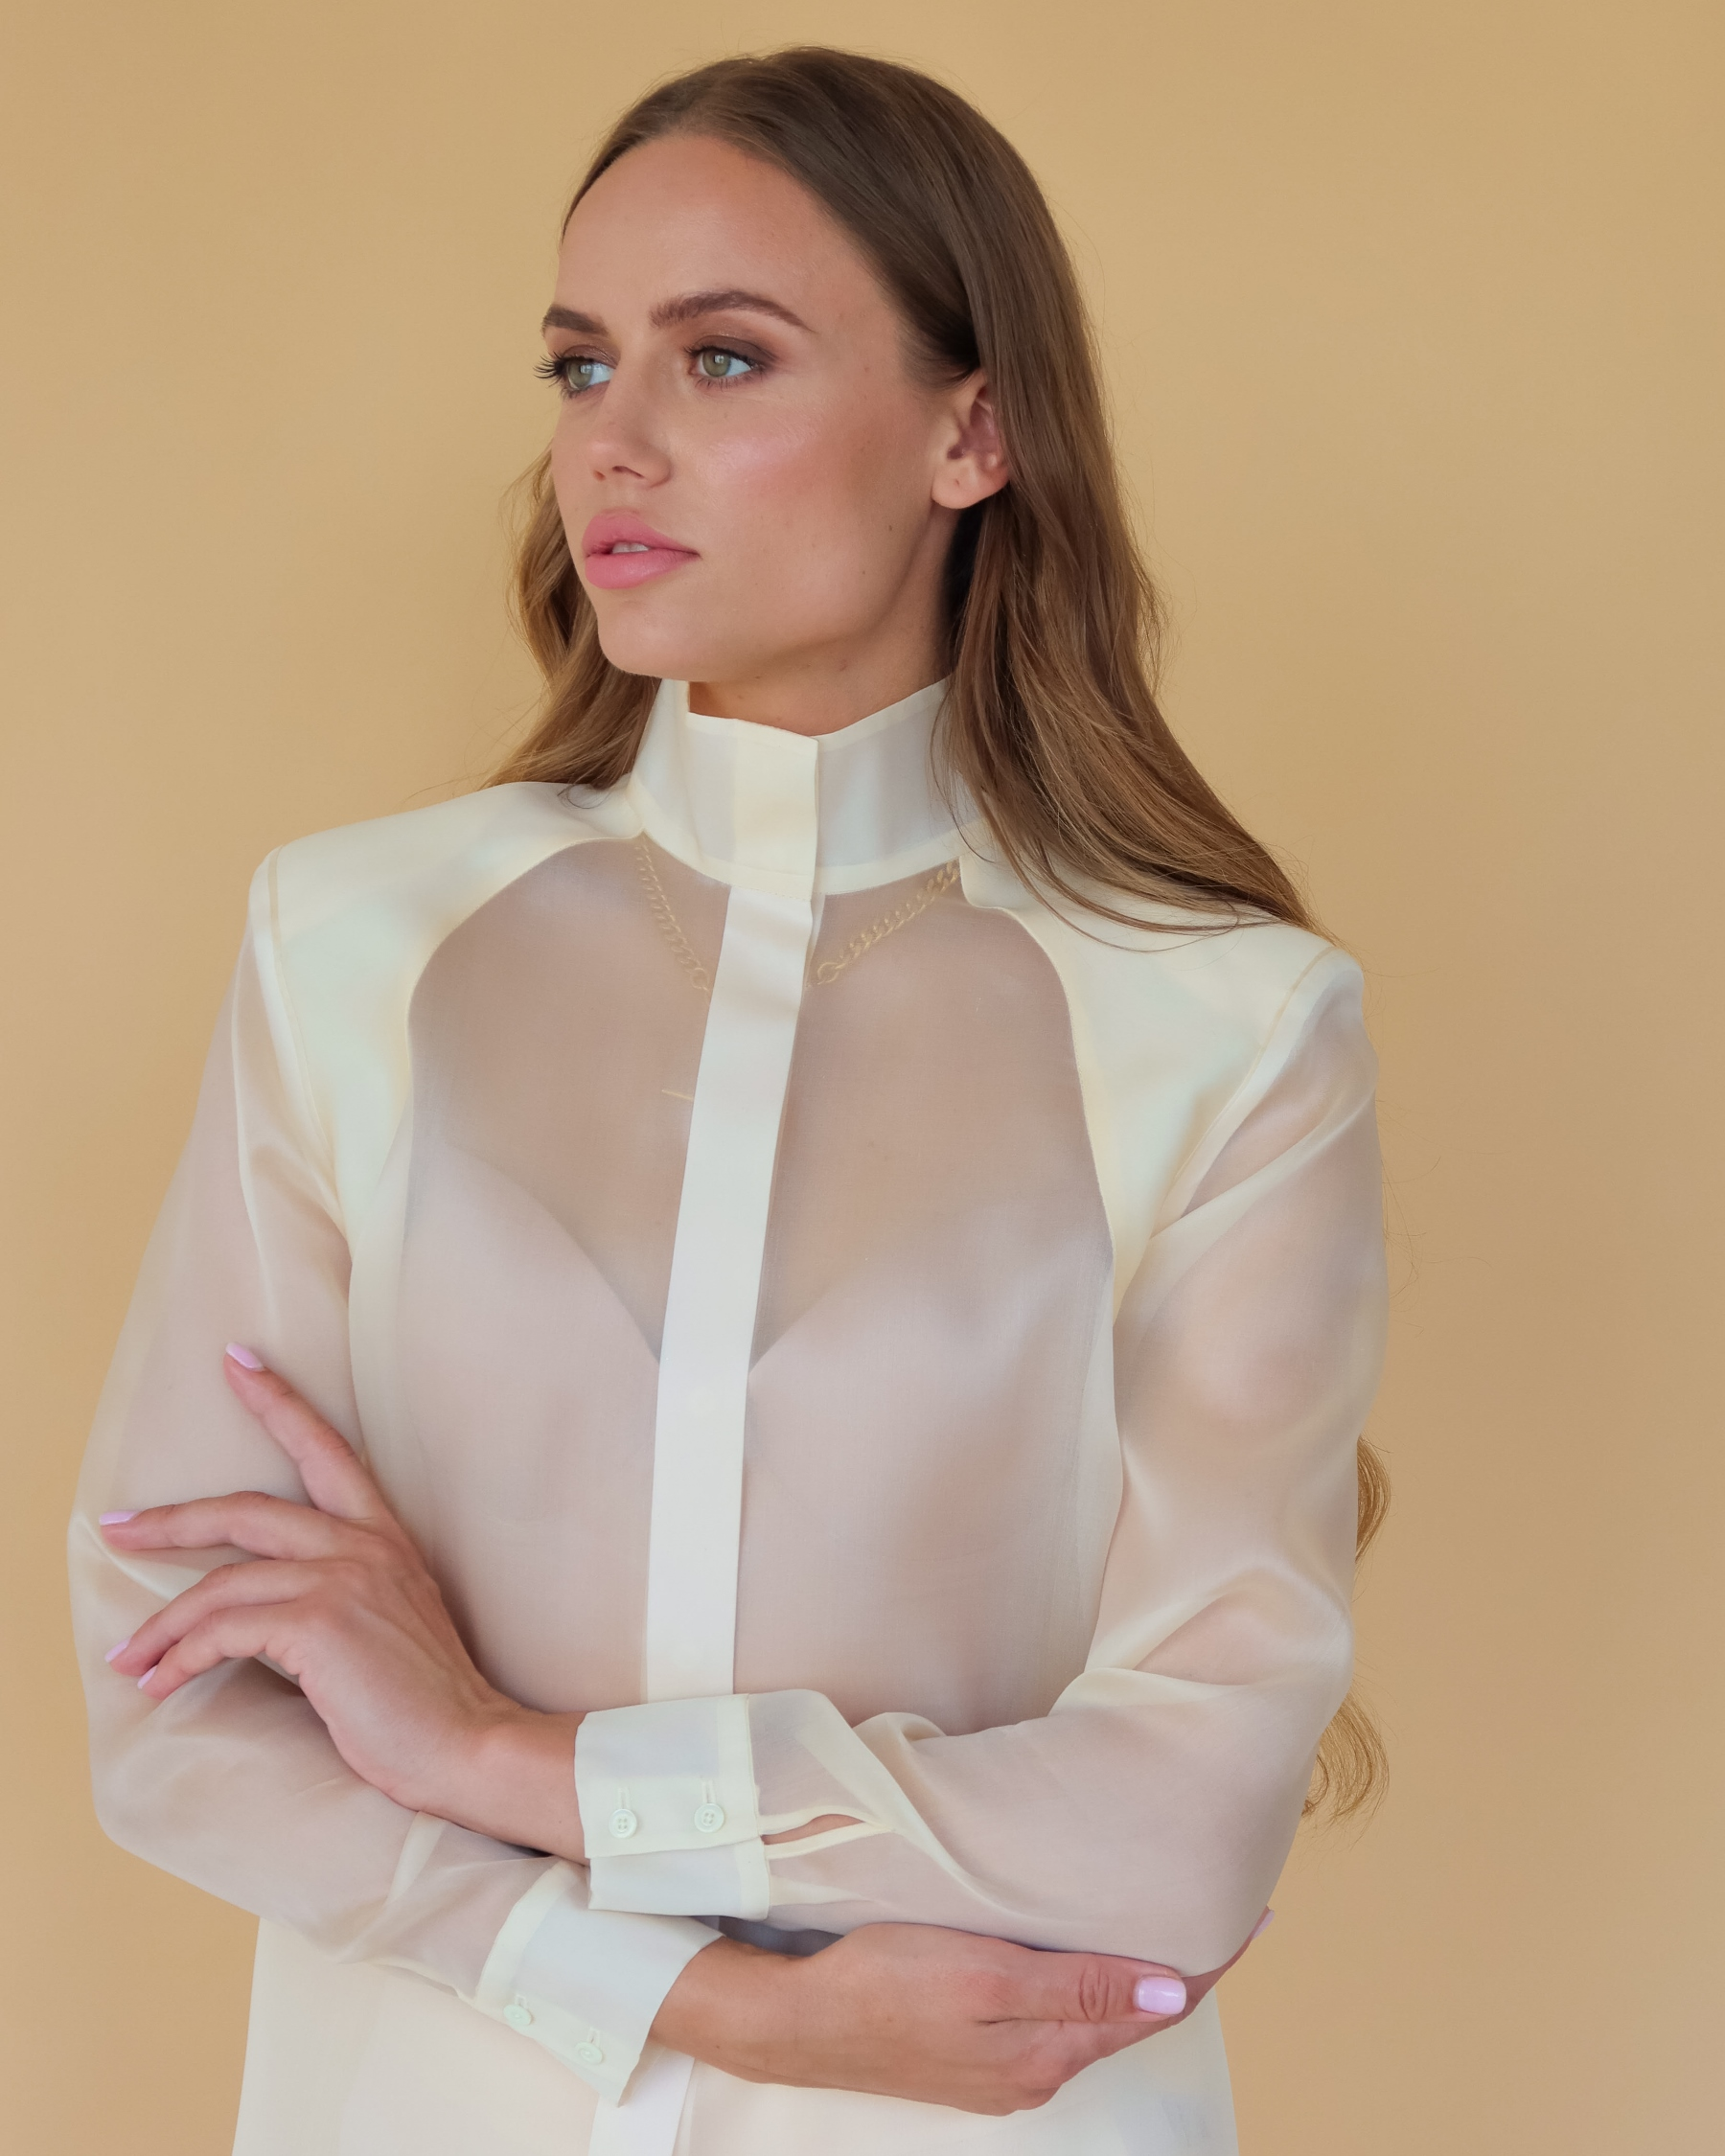 Шелковая блуза с подплечниками из шелка органзы цвет шампанского